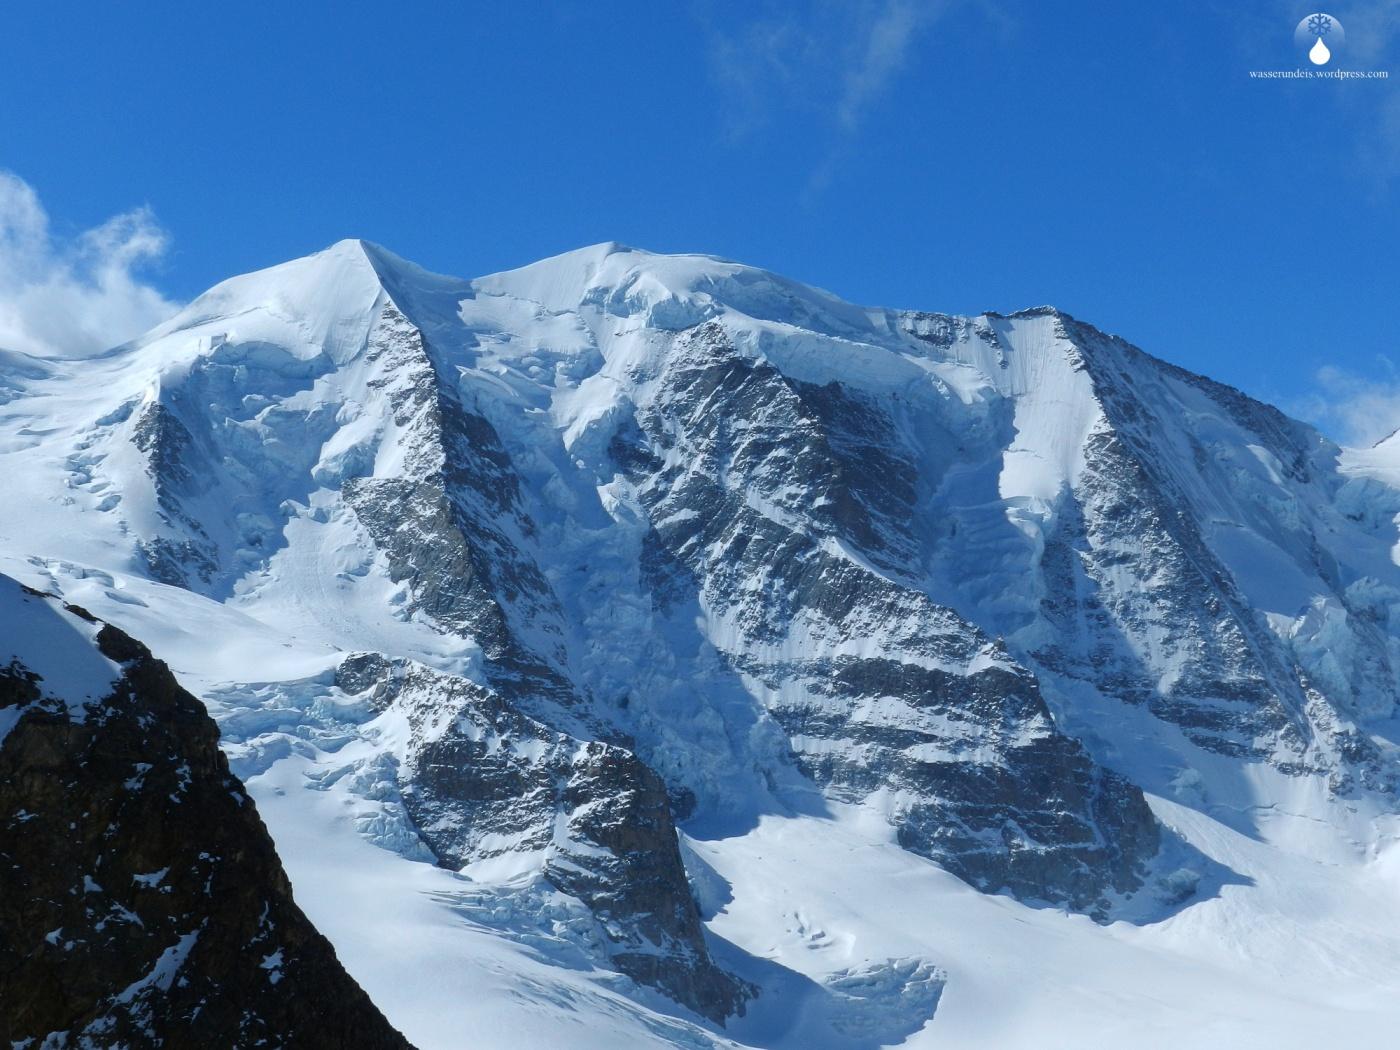 Piz.Palü Diavolezza Bergbahn Skigebiet